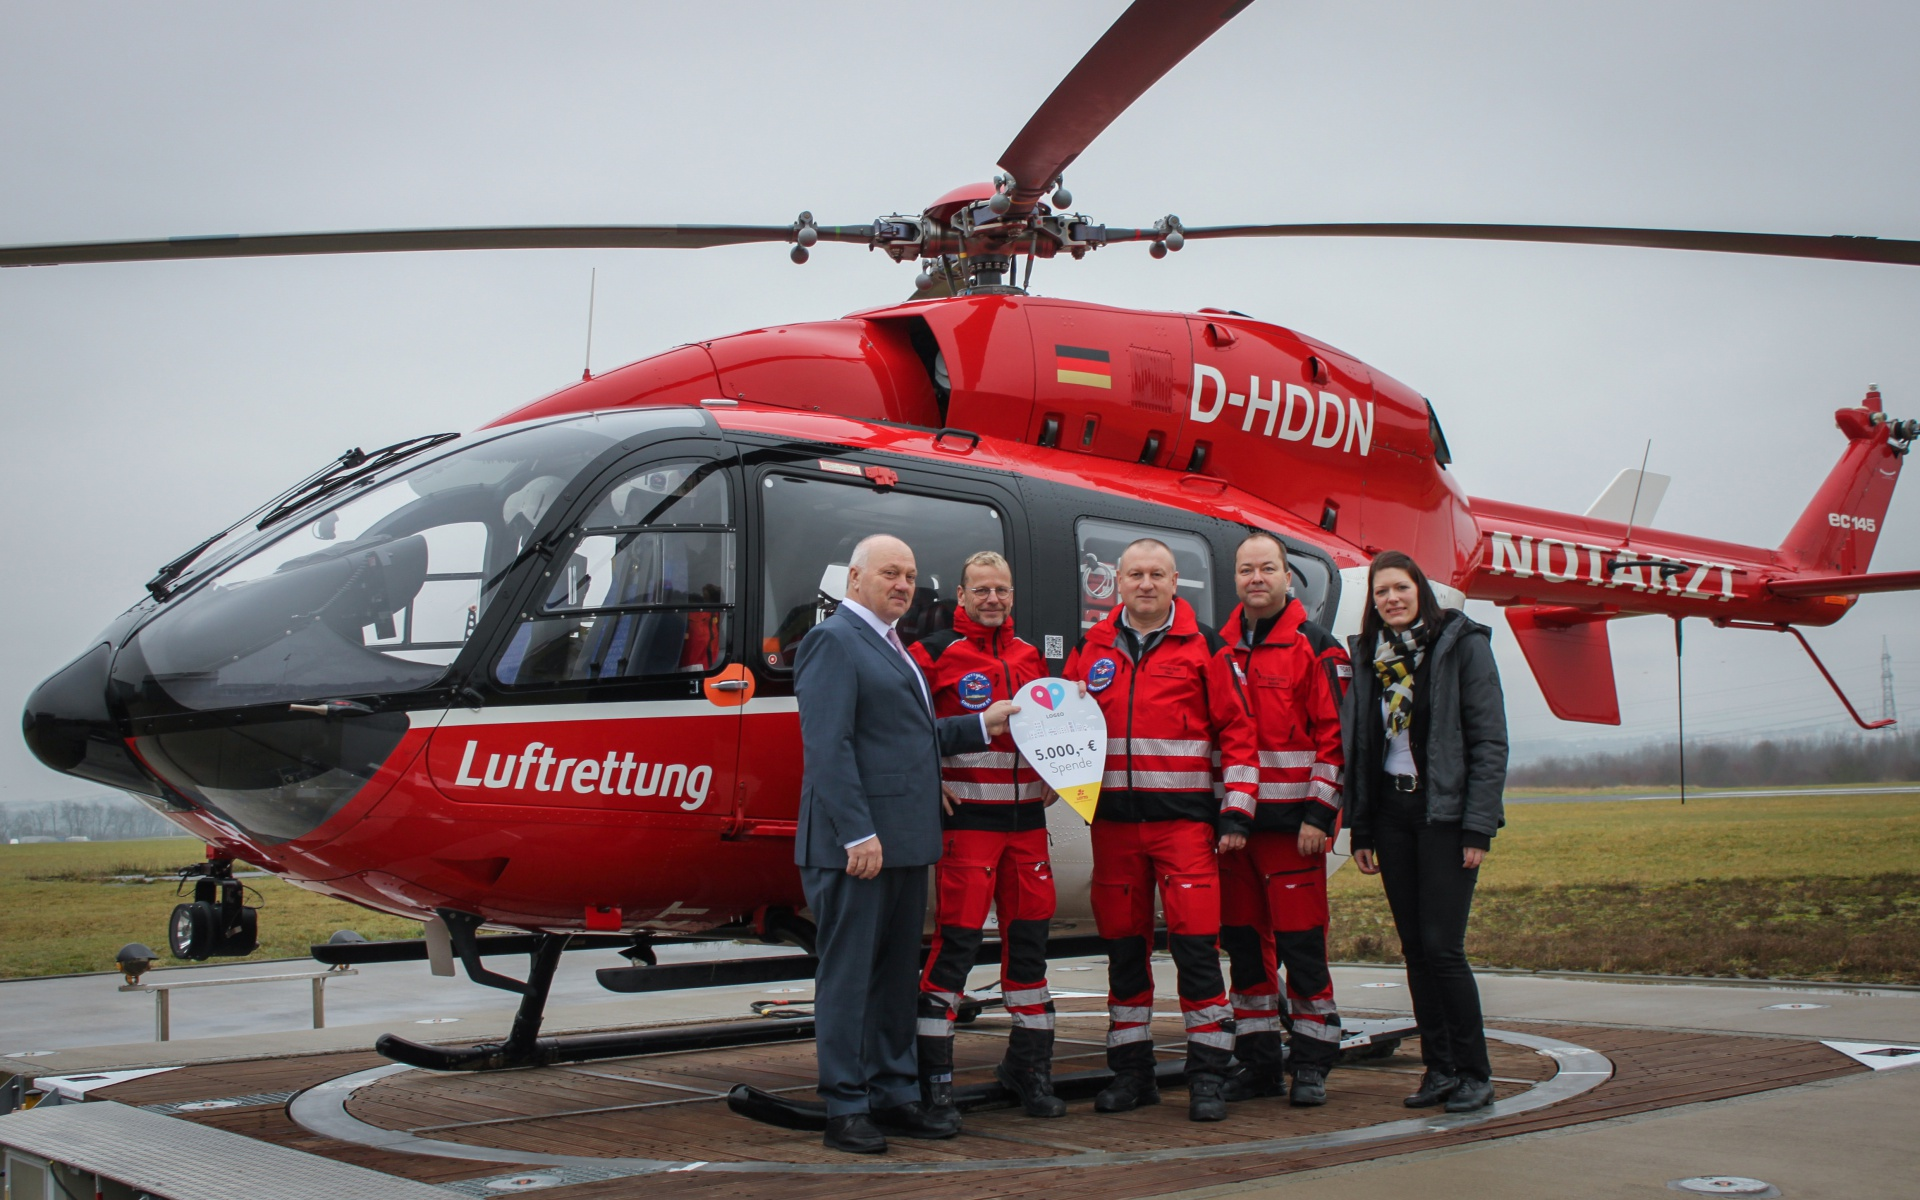 Lotto-Kommunikationsleiter Paul Herbinger (1.v.l.) übergab den symbolischen Scheck an die diensthabende Crew (v.l.): Jürgen Henker (leitender Notfallsanitäter), Thomas Roth (Pilot und Stationsleiter), Dr. Gregor Lichy (leitender Hubschraubernotarzt) und Corinna Roller, stv. Leiterin des DRF e.V.